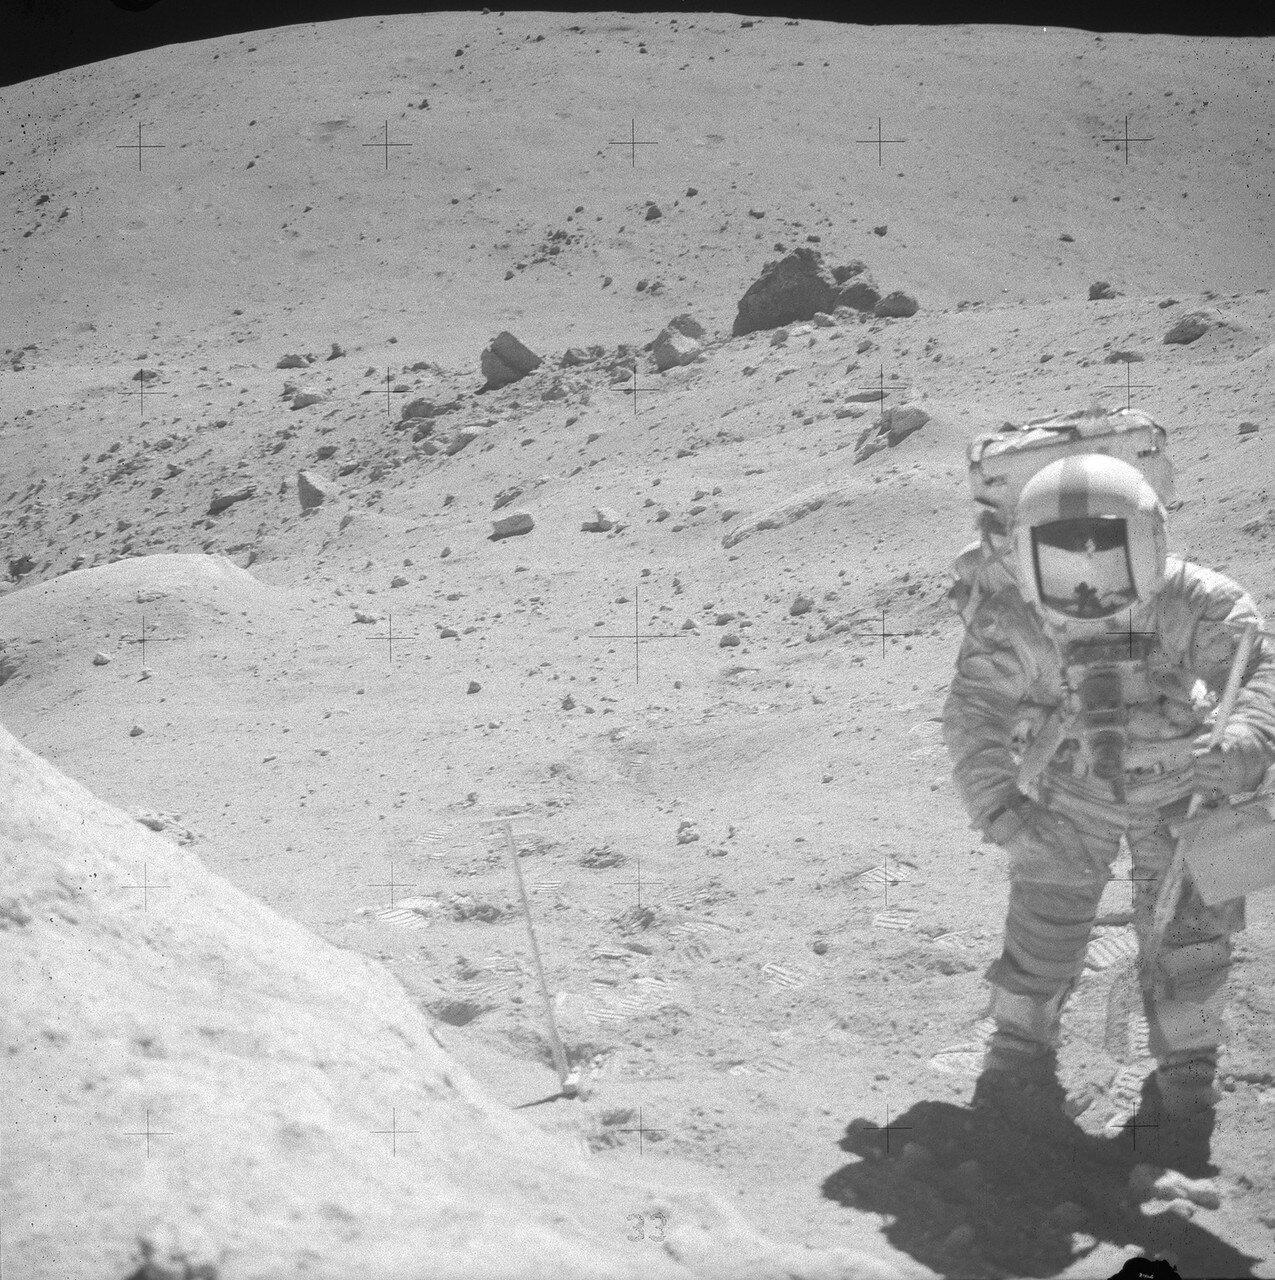 Затем Хьюстон попросил астронавтов взять граблями образец грунта. На снимке: Джон Янг на Station 11. Позади него и чуть левее — скала House Rock. На заднем плане — гора Смоки